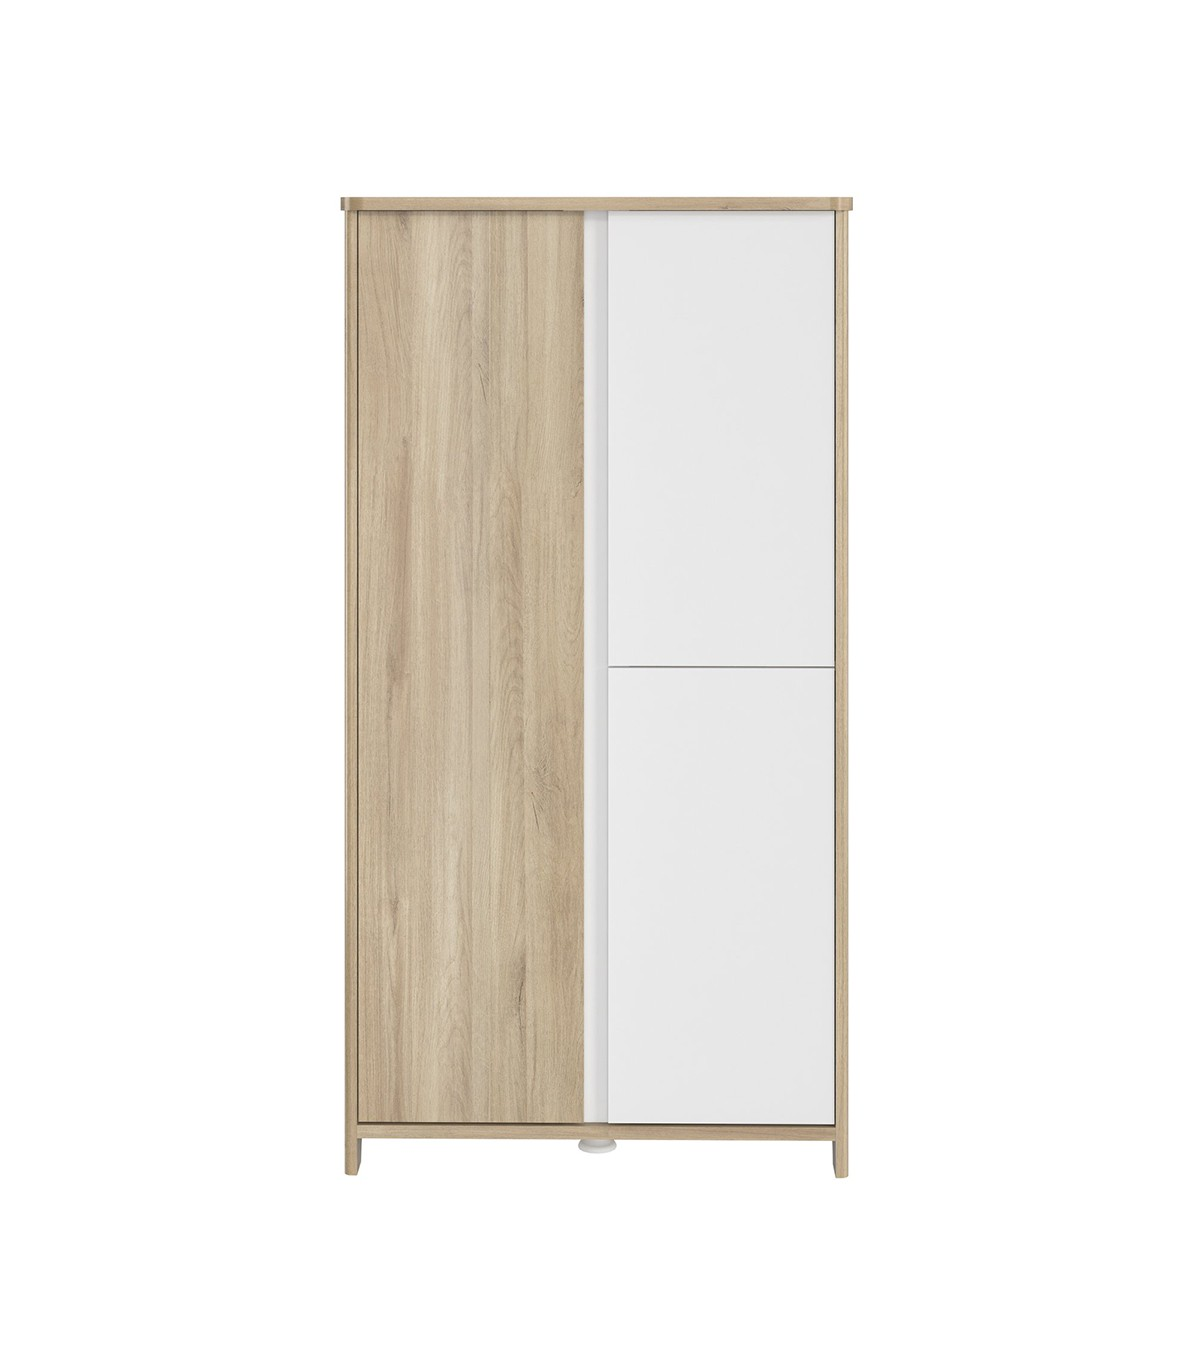 Armoire 3 portes bois et blanc Bébé - 95 x 185 cm